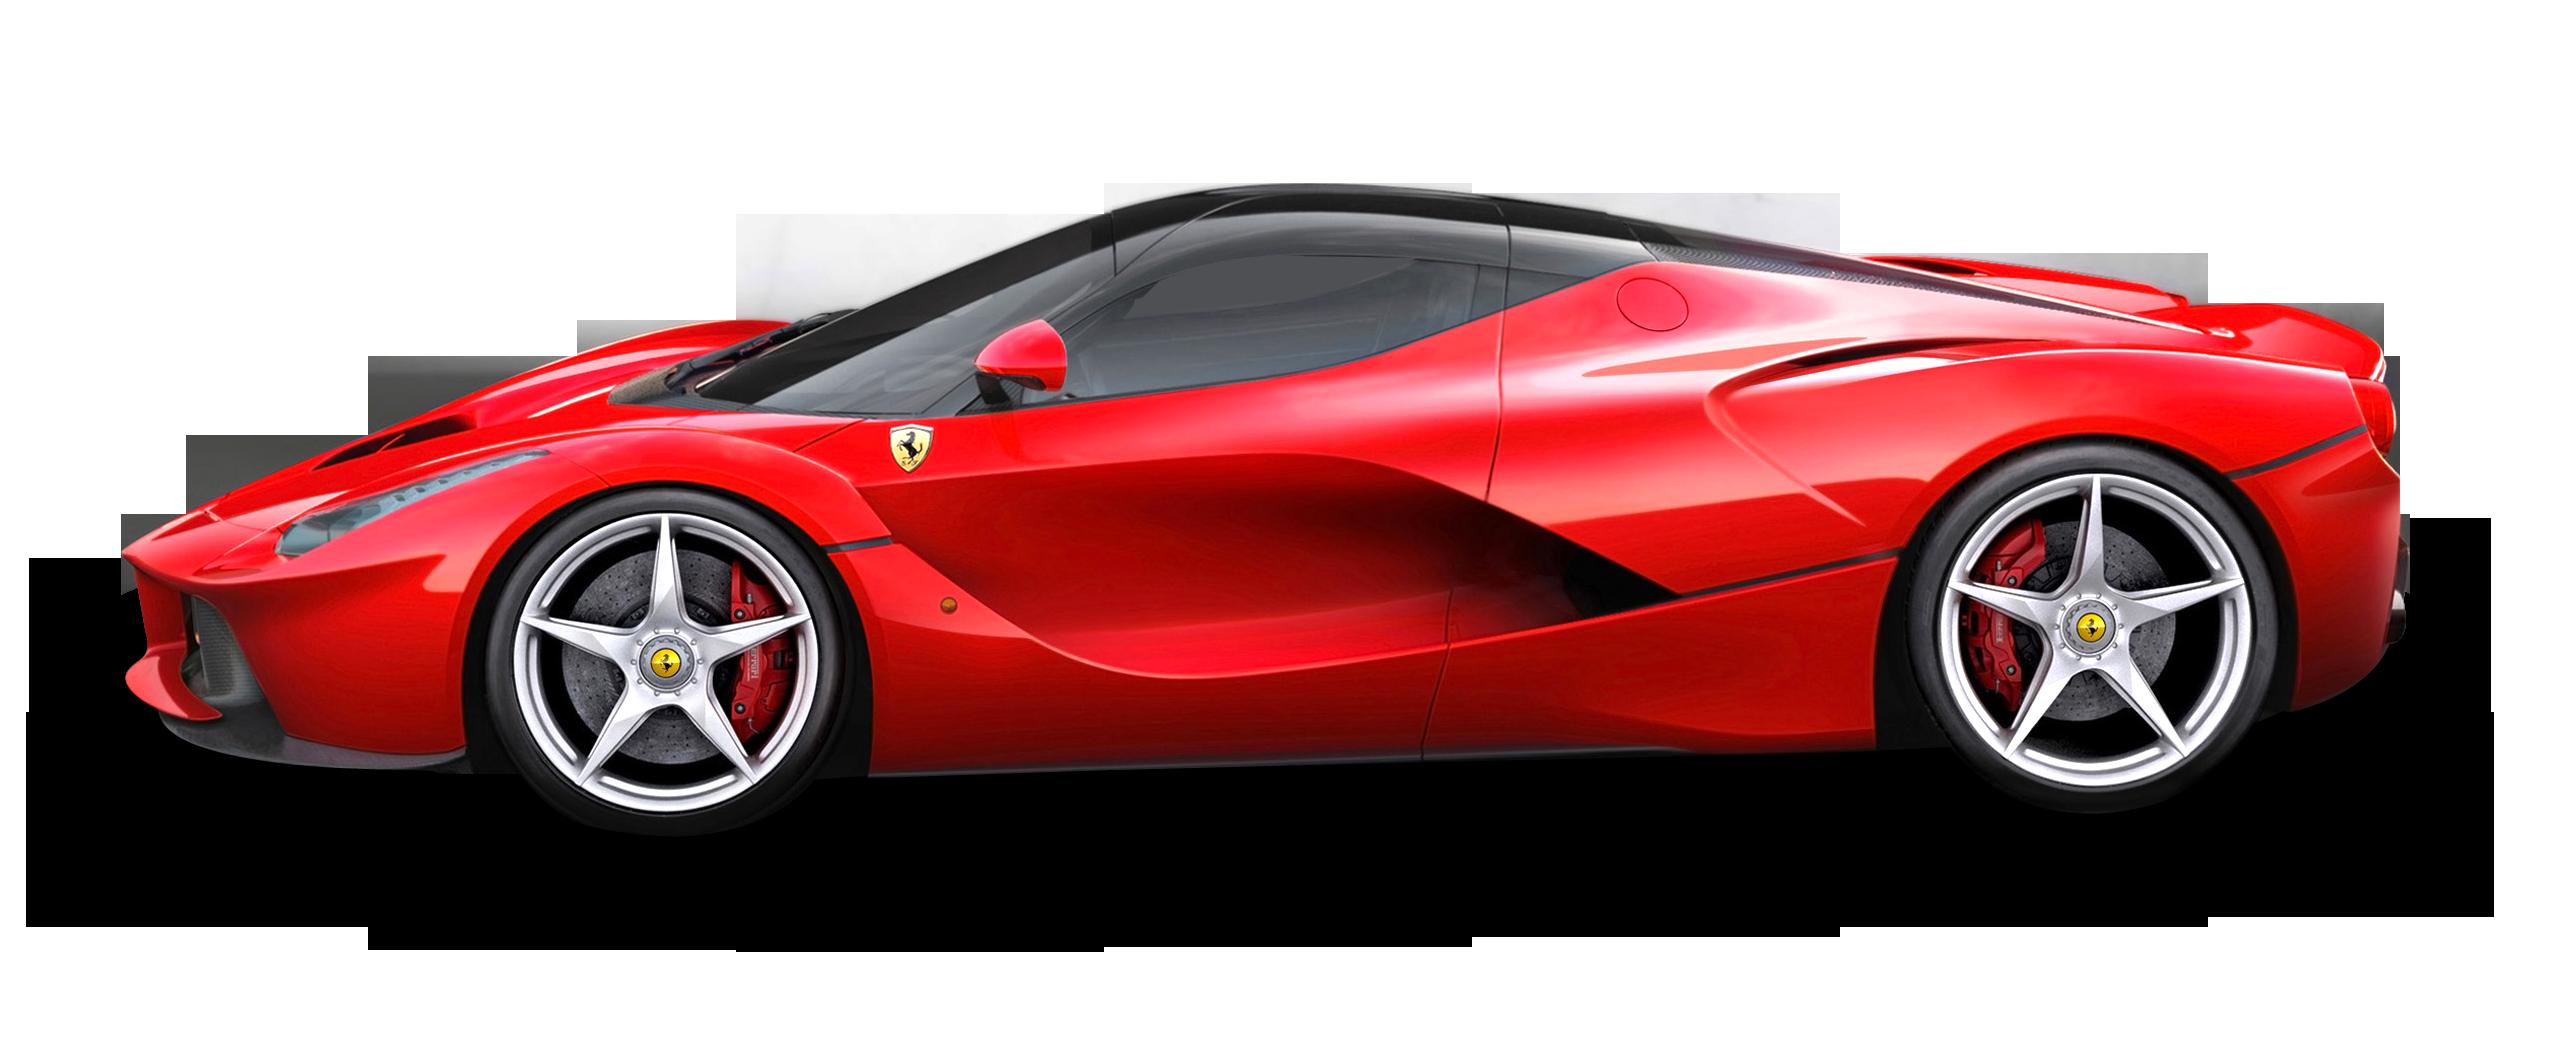 Red Ferrari LaFerrari Car PNG Image